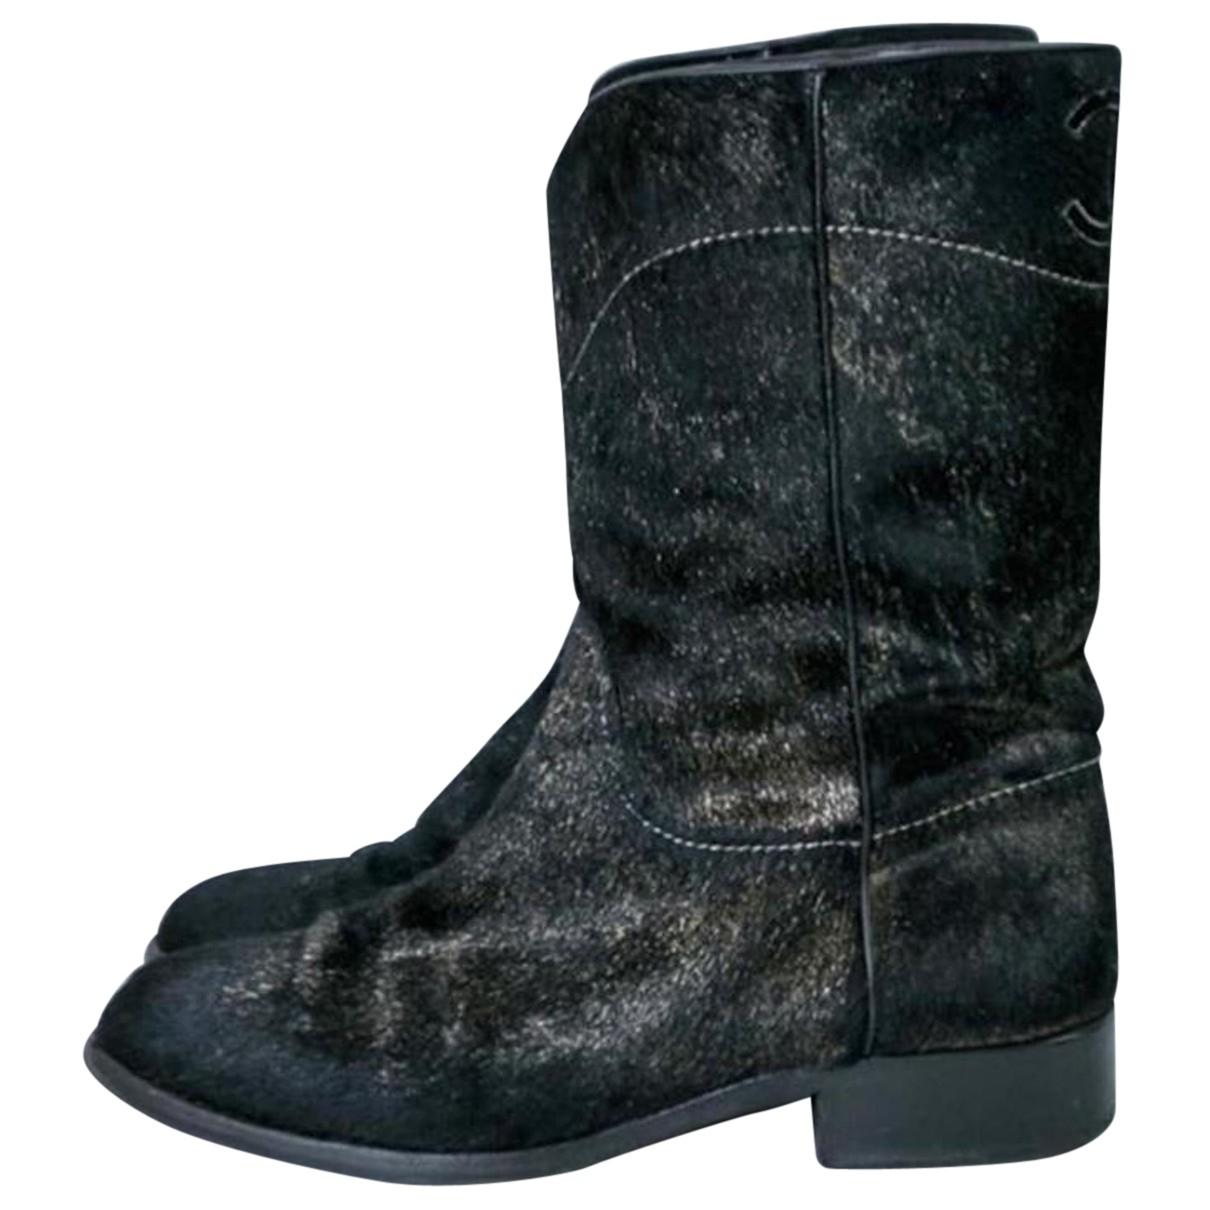 Chanel - Boots   pour femme en veau facon poulain - noir